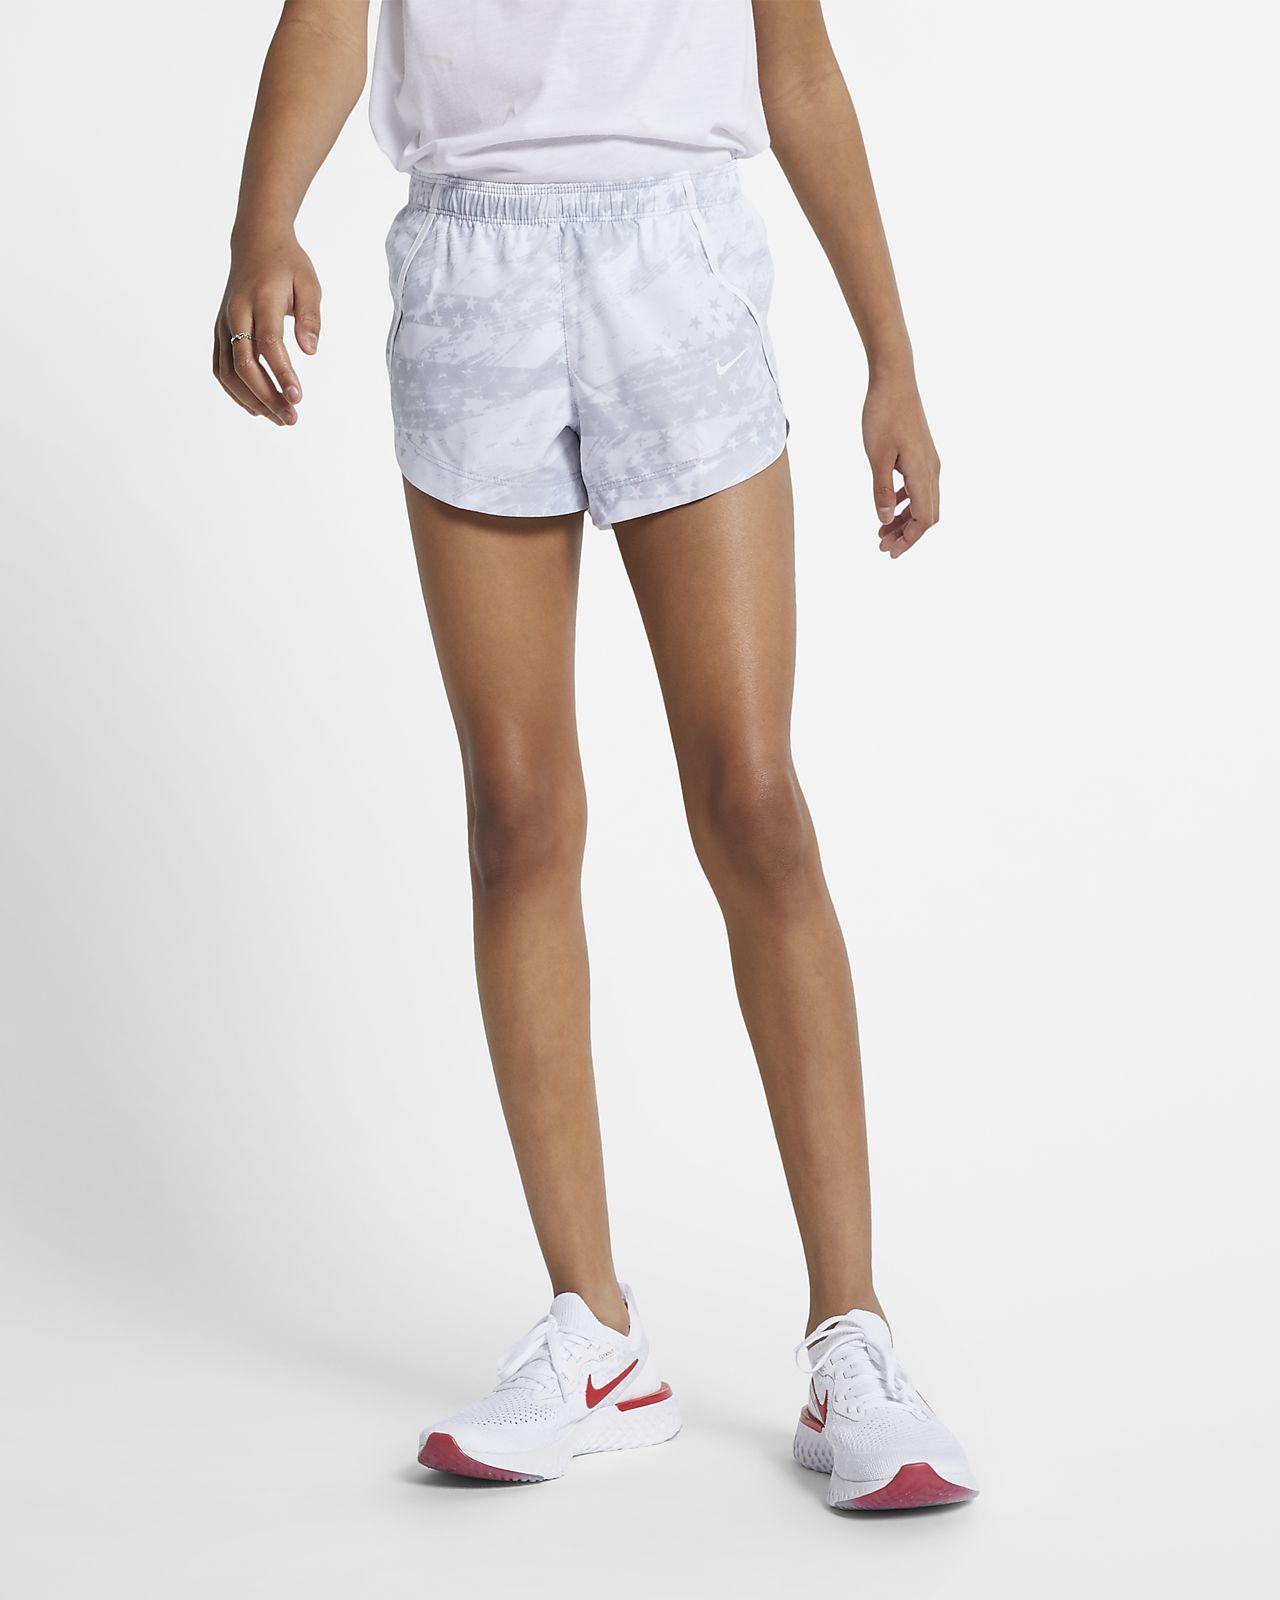 Nike Dri-FIT Big Kids' (Girls') Shorts